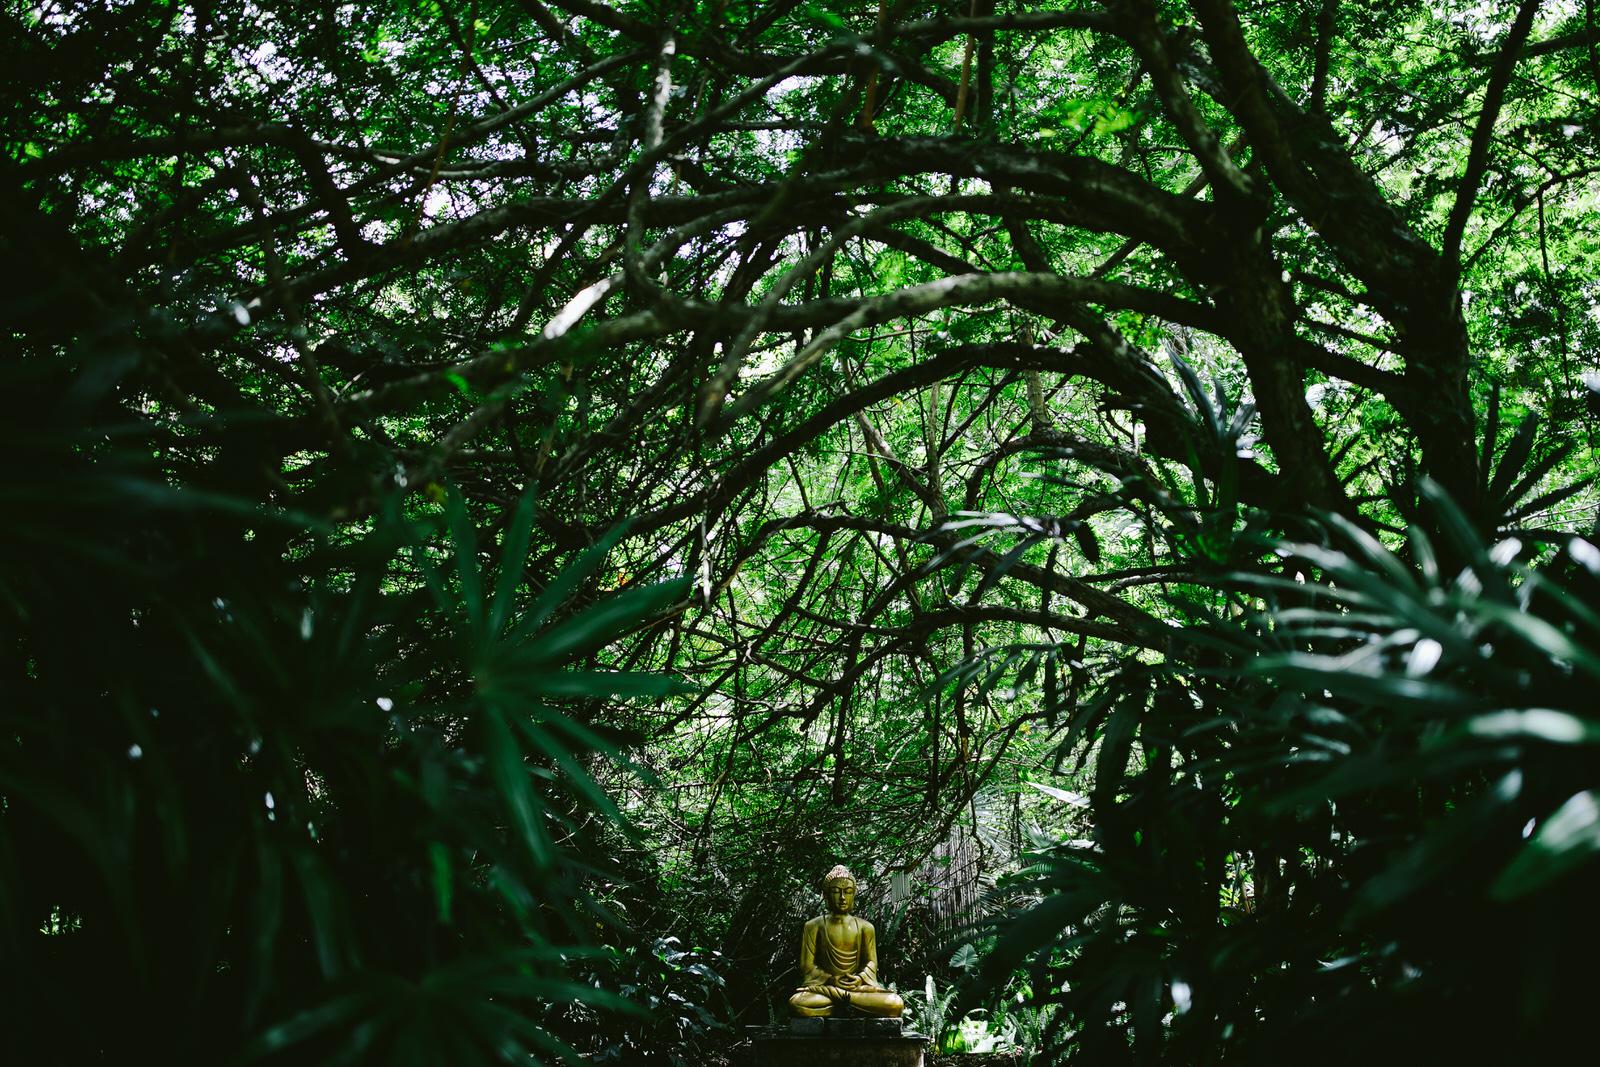 buddha-nature-kashi-ashram.jpg